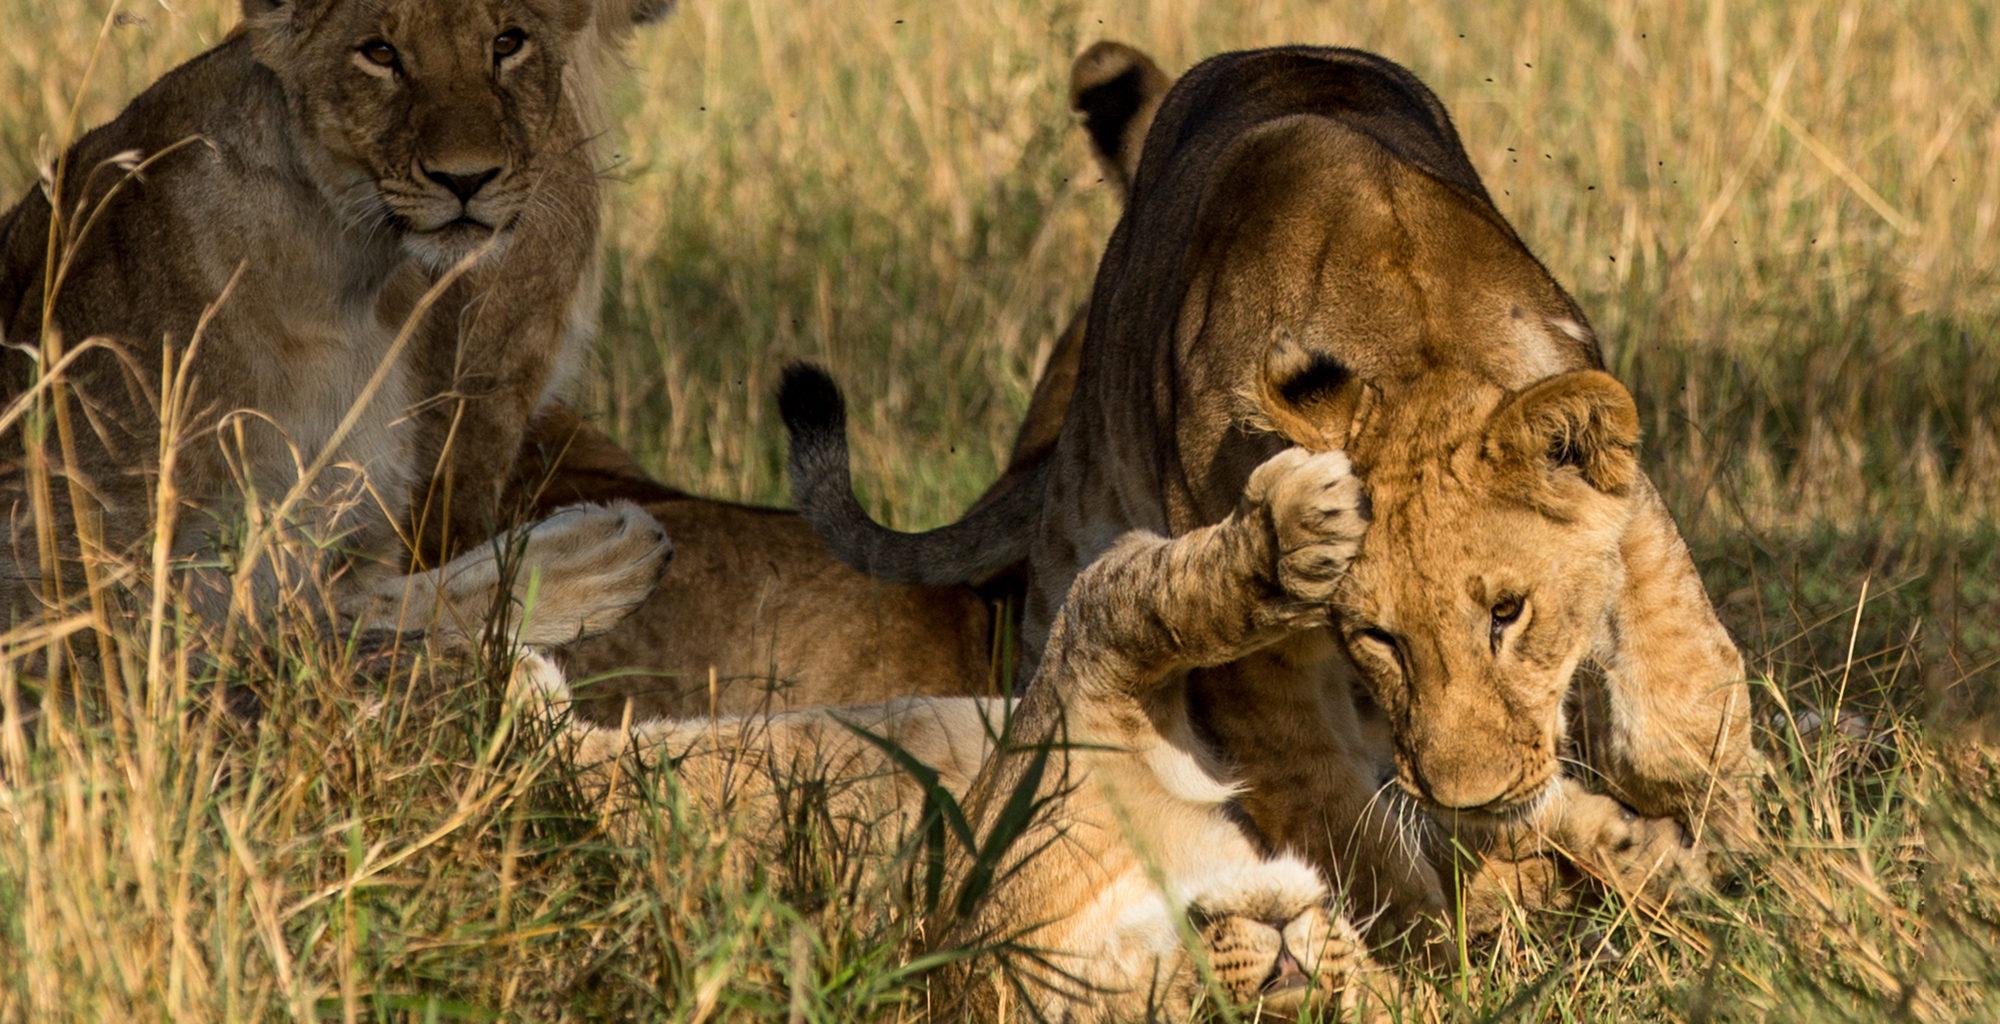 Kenya-Maasai-Mara-Wildlife-Lion